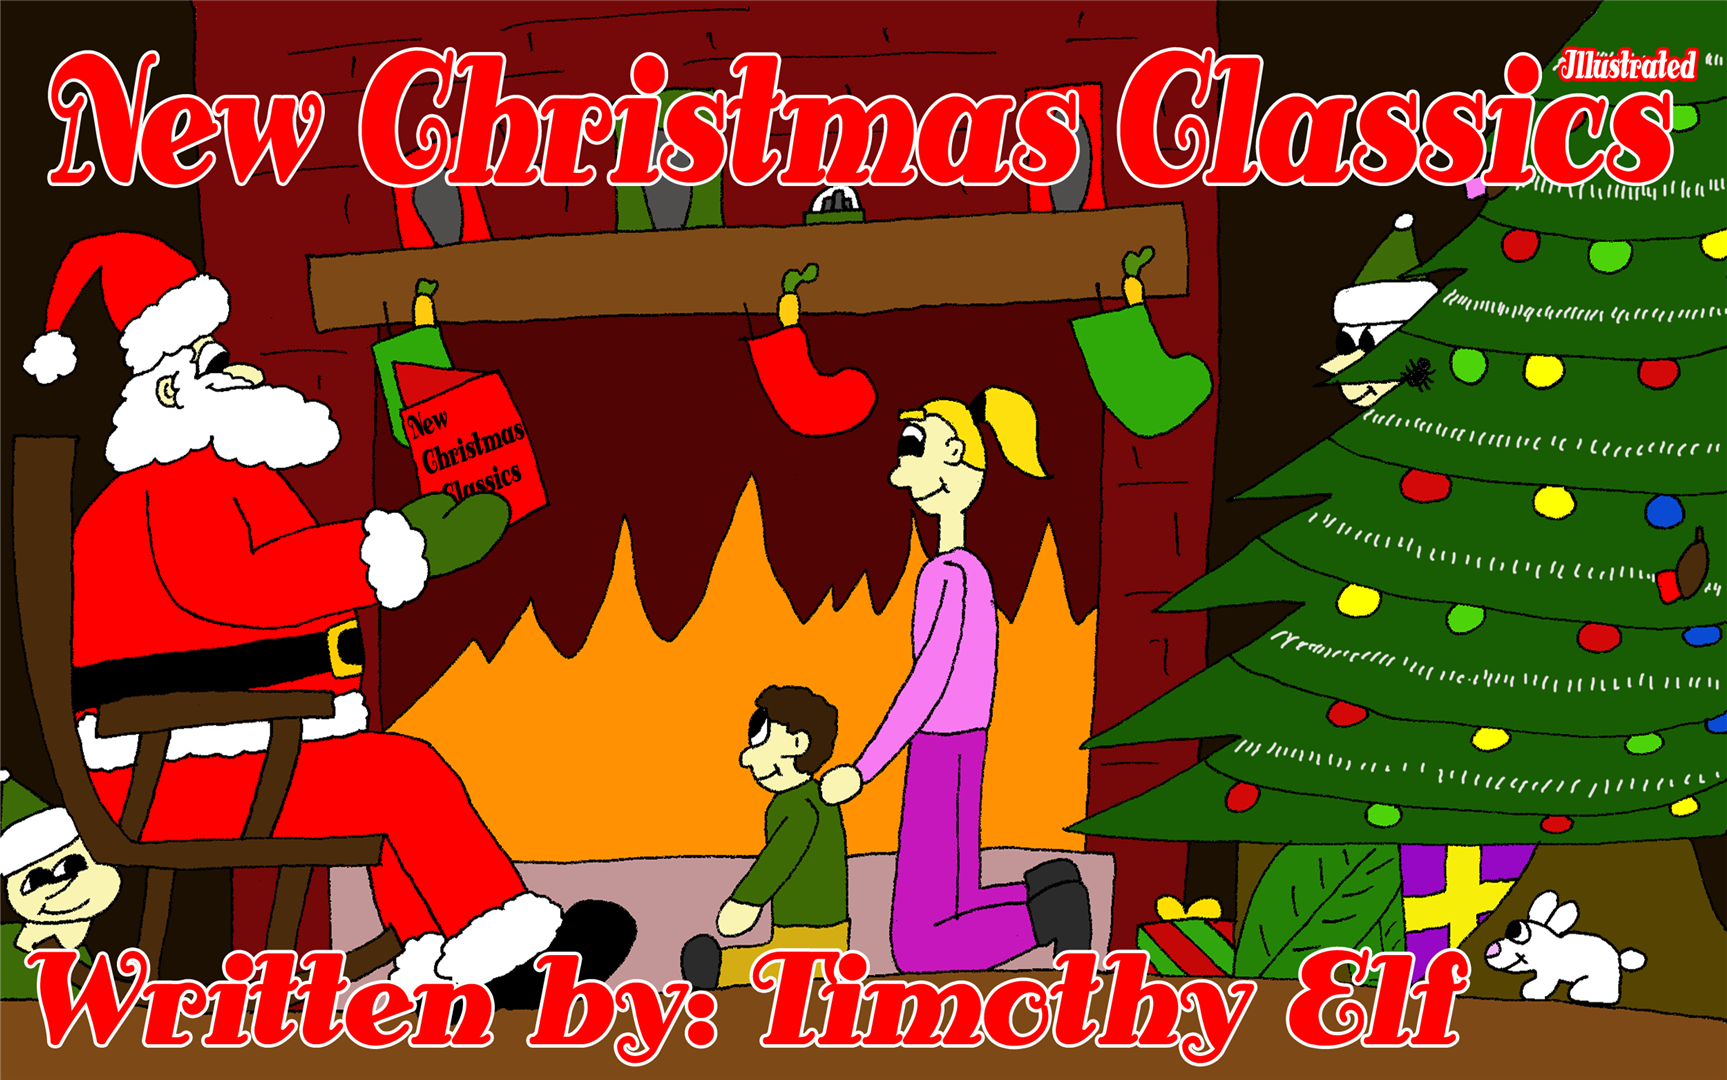 xmas story cover - Christmas Classics